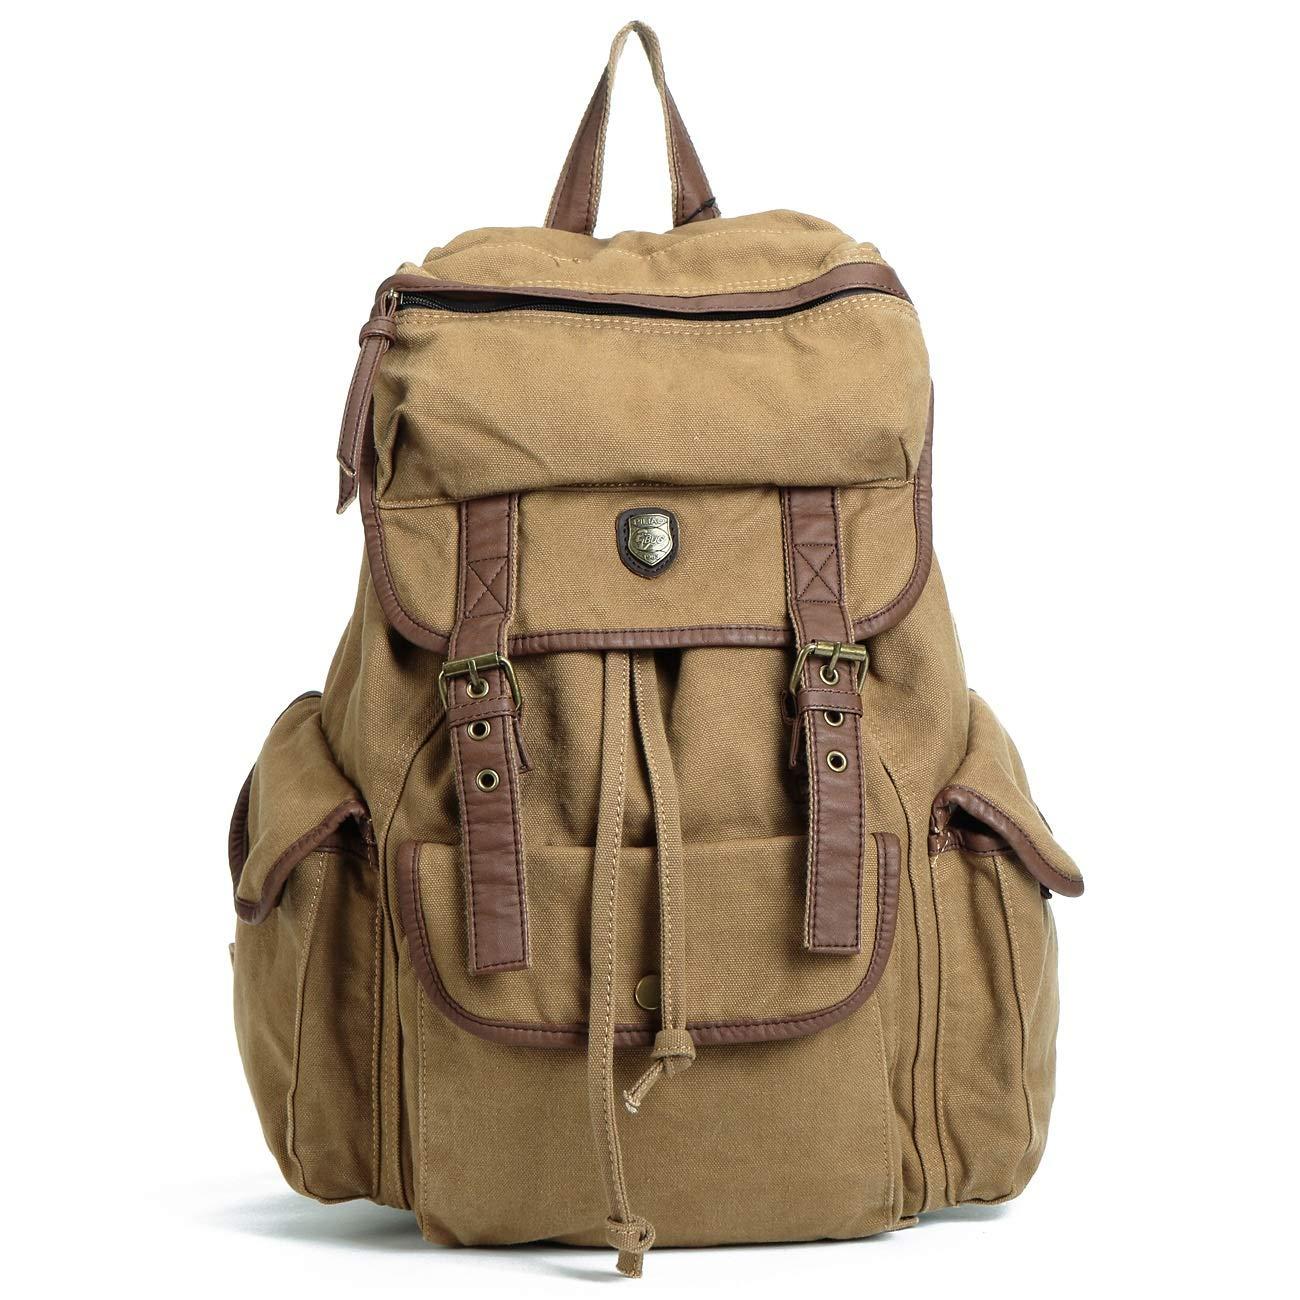 HE-bag Frauen-Segeltuch-Rucksack-Kursteilnehmer-Tasche im Freien großer Raum-Spielraum-Rucksack-Unisex beiläufiger Daypack (Farbe   2)